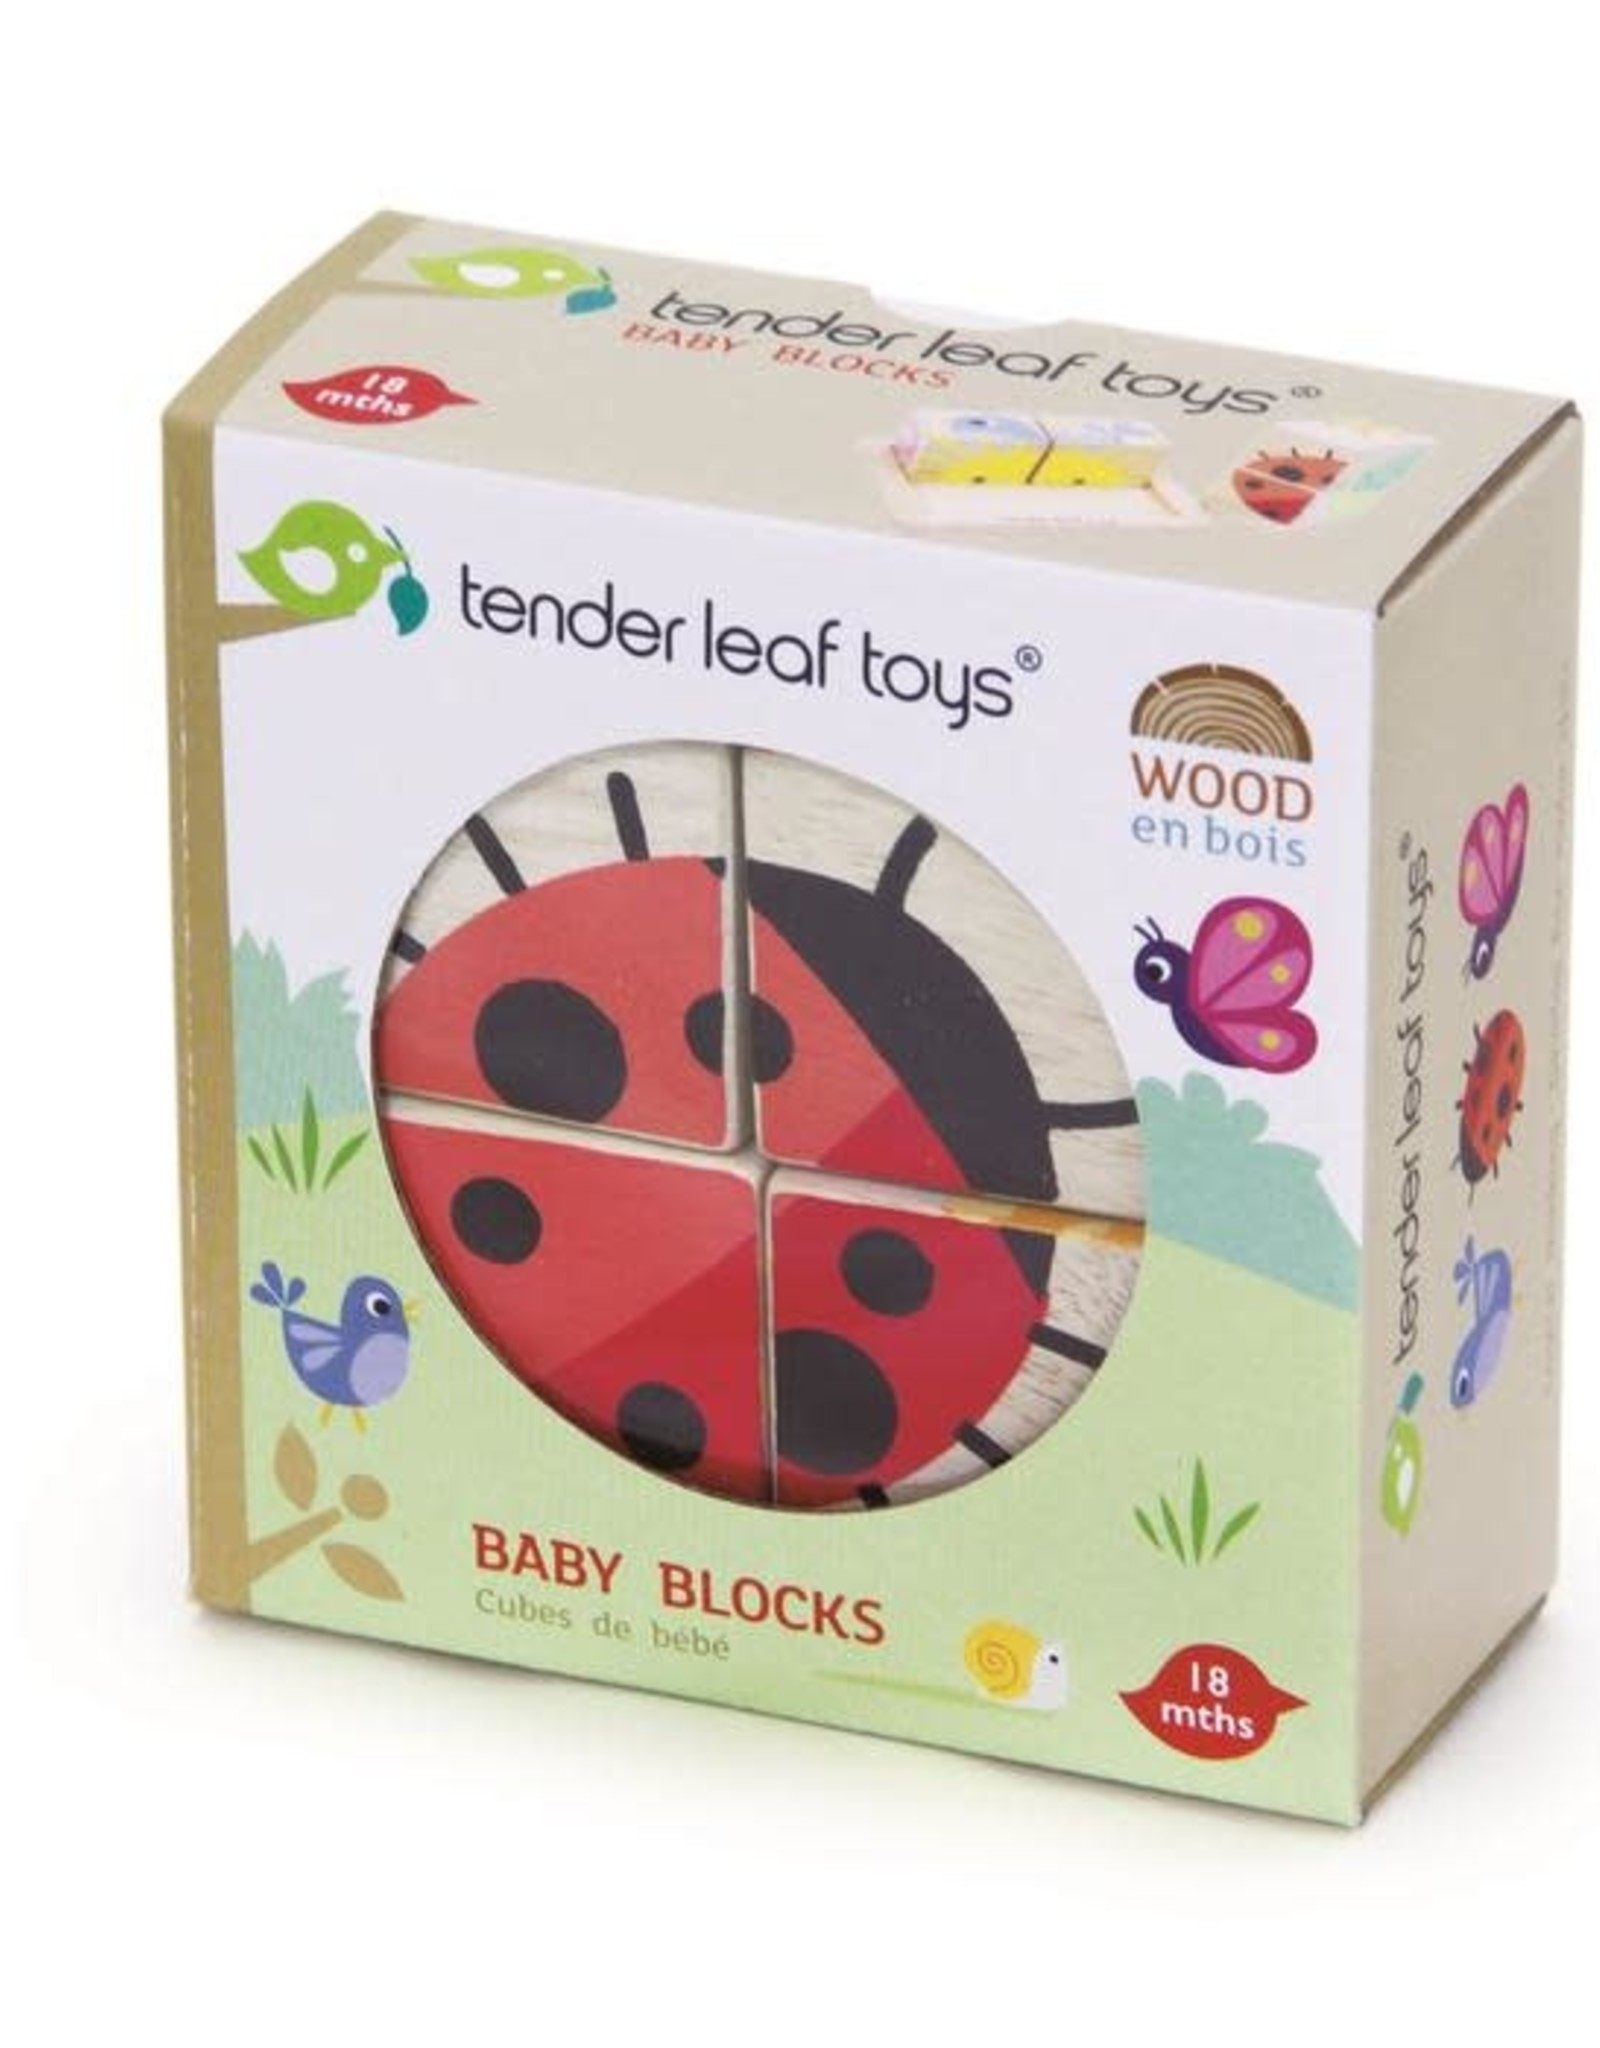 Tender Leaf Toys Baby Blocks